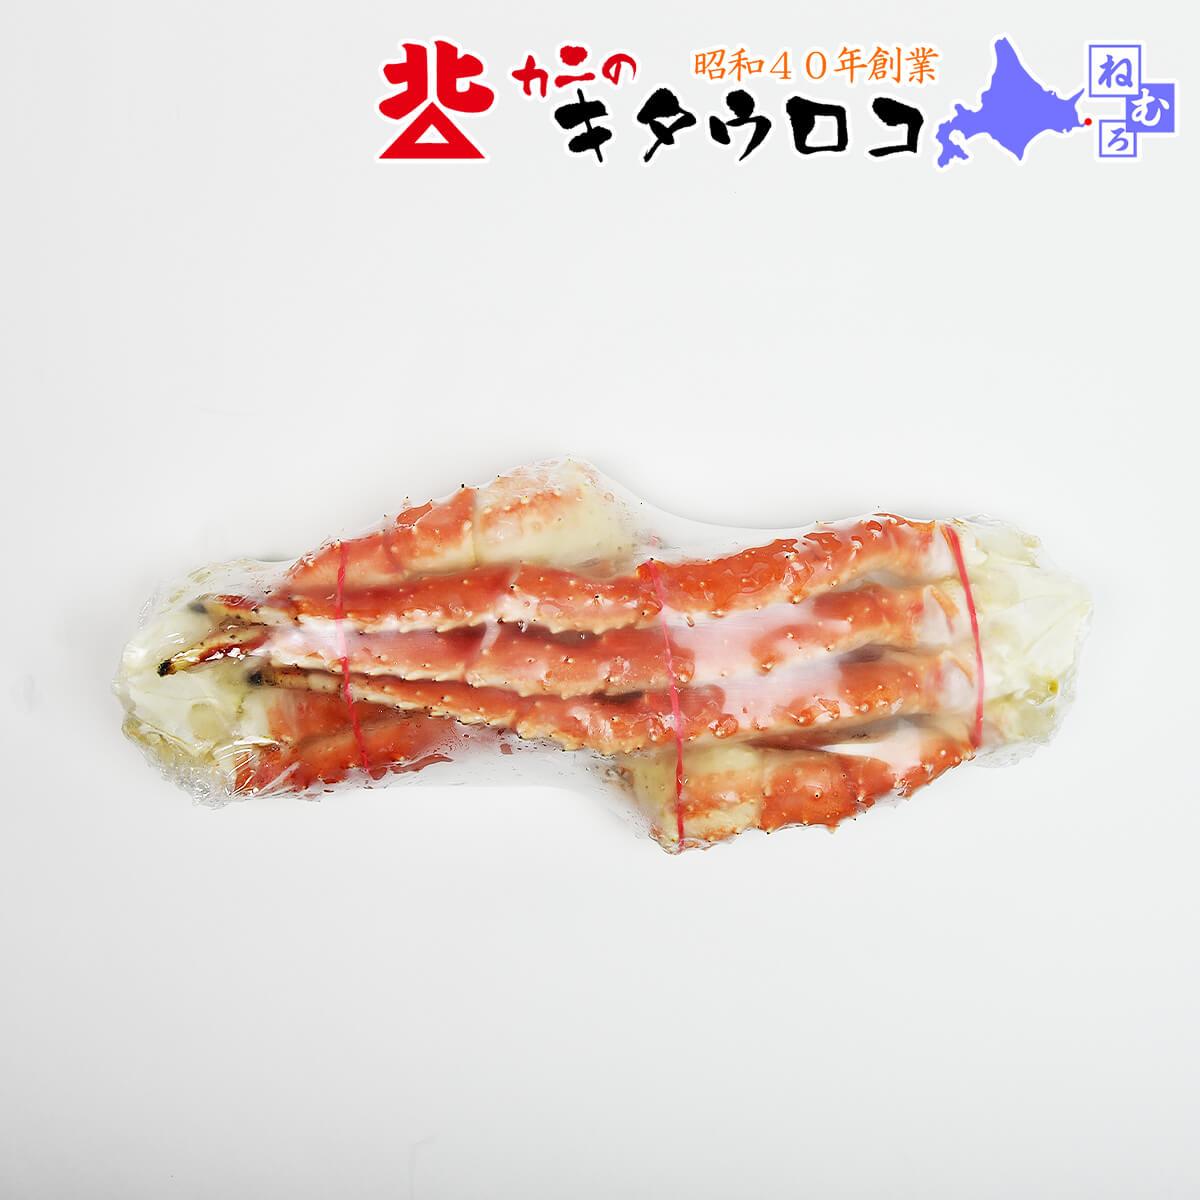 【送料無料】 ボイル たらばがに 脚 800g 2肩入 かに カニ 蟹 タラバガニ たらば蟹 足 鍋 取り寄せ ギフト